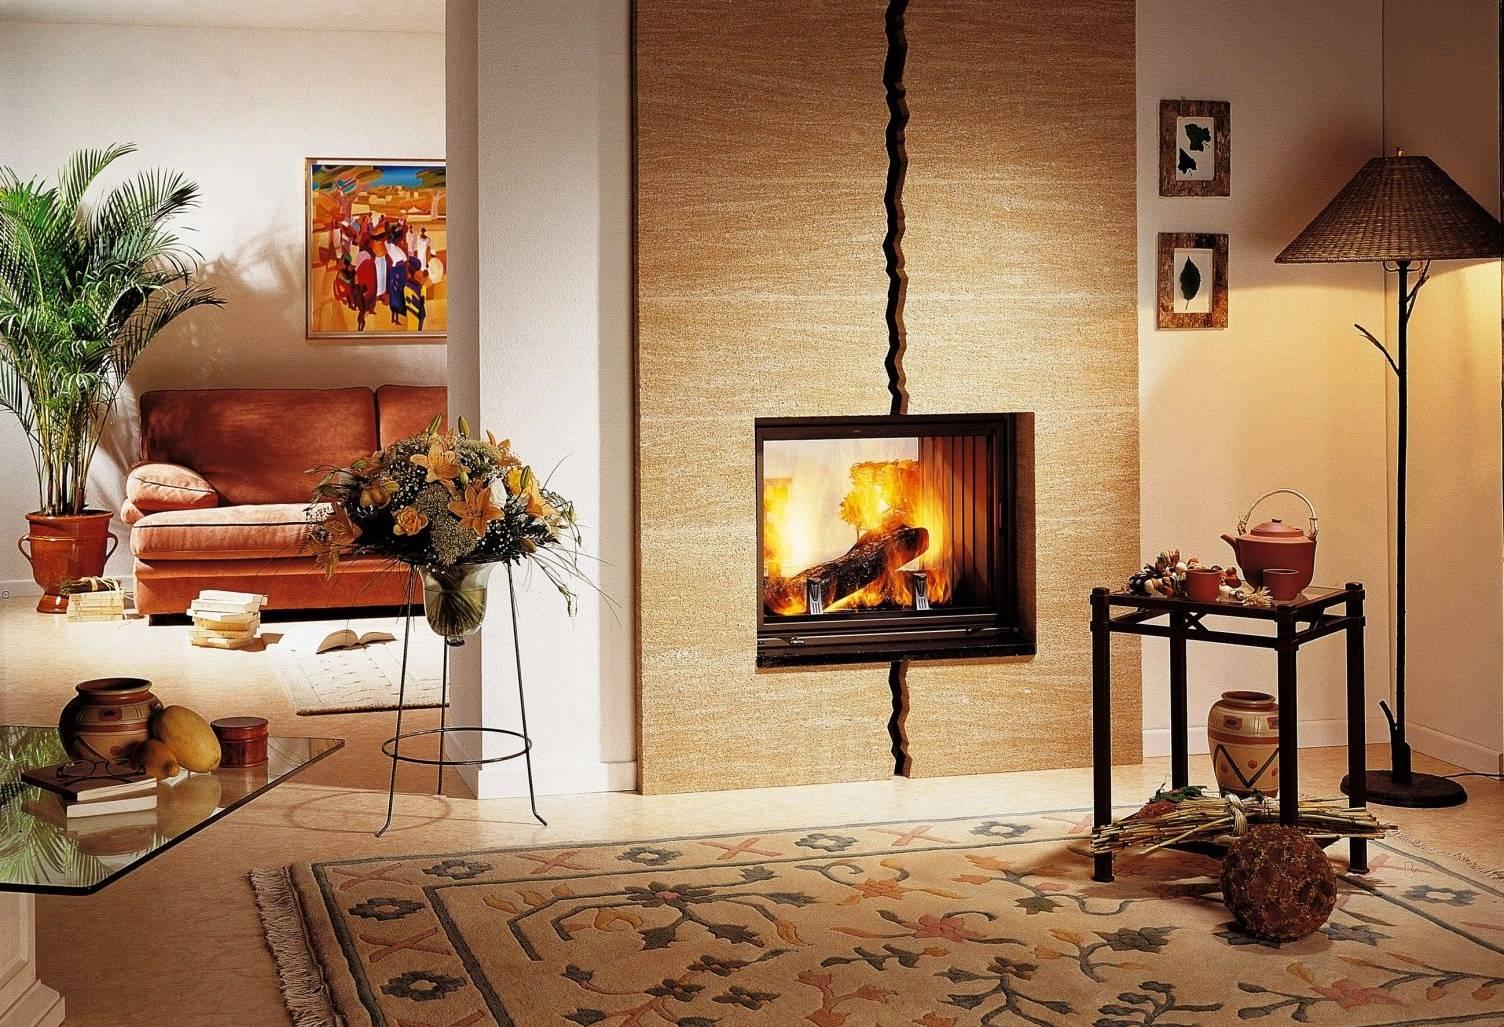 Плитка для печи (58 фото): огнеупорные и жаростойкие изделия для облицовки каминов, керамическая термостойкая облицовочная плитка